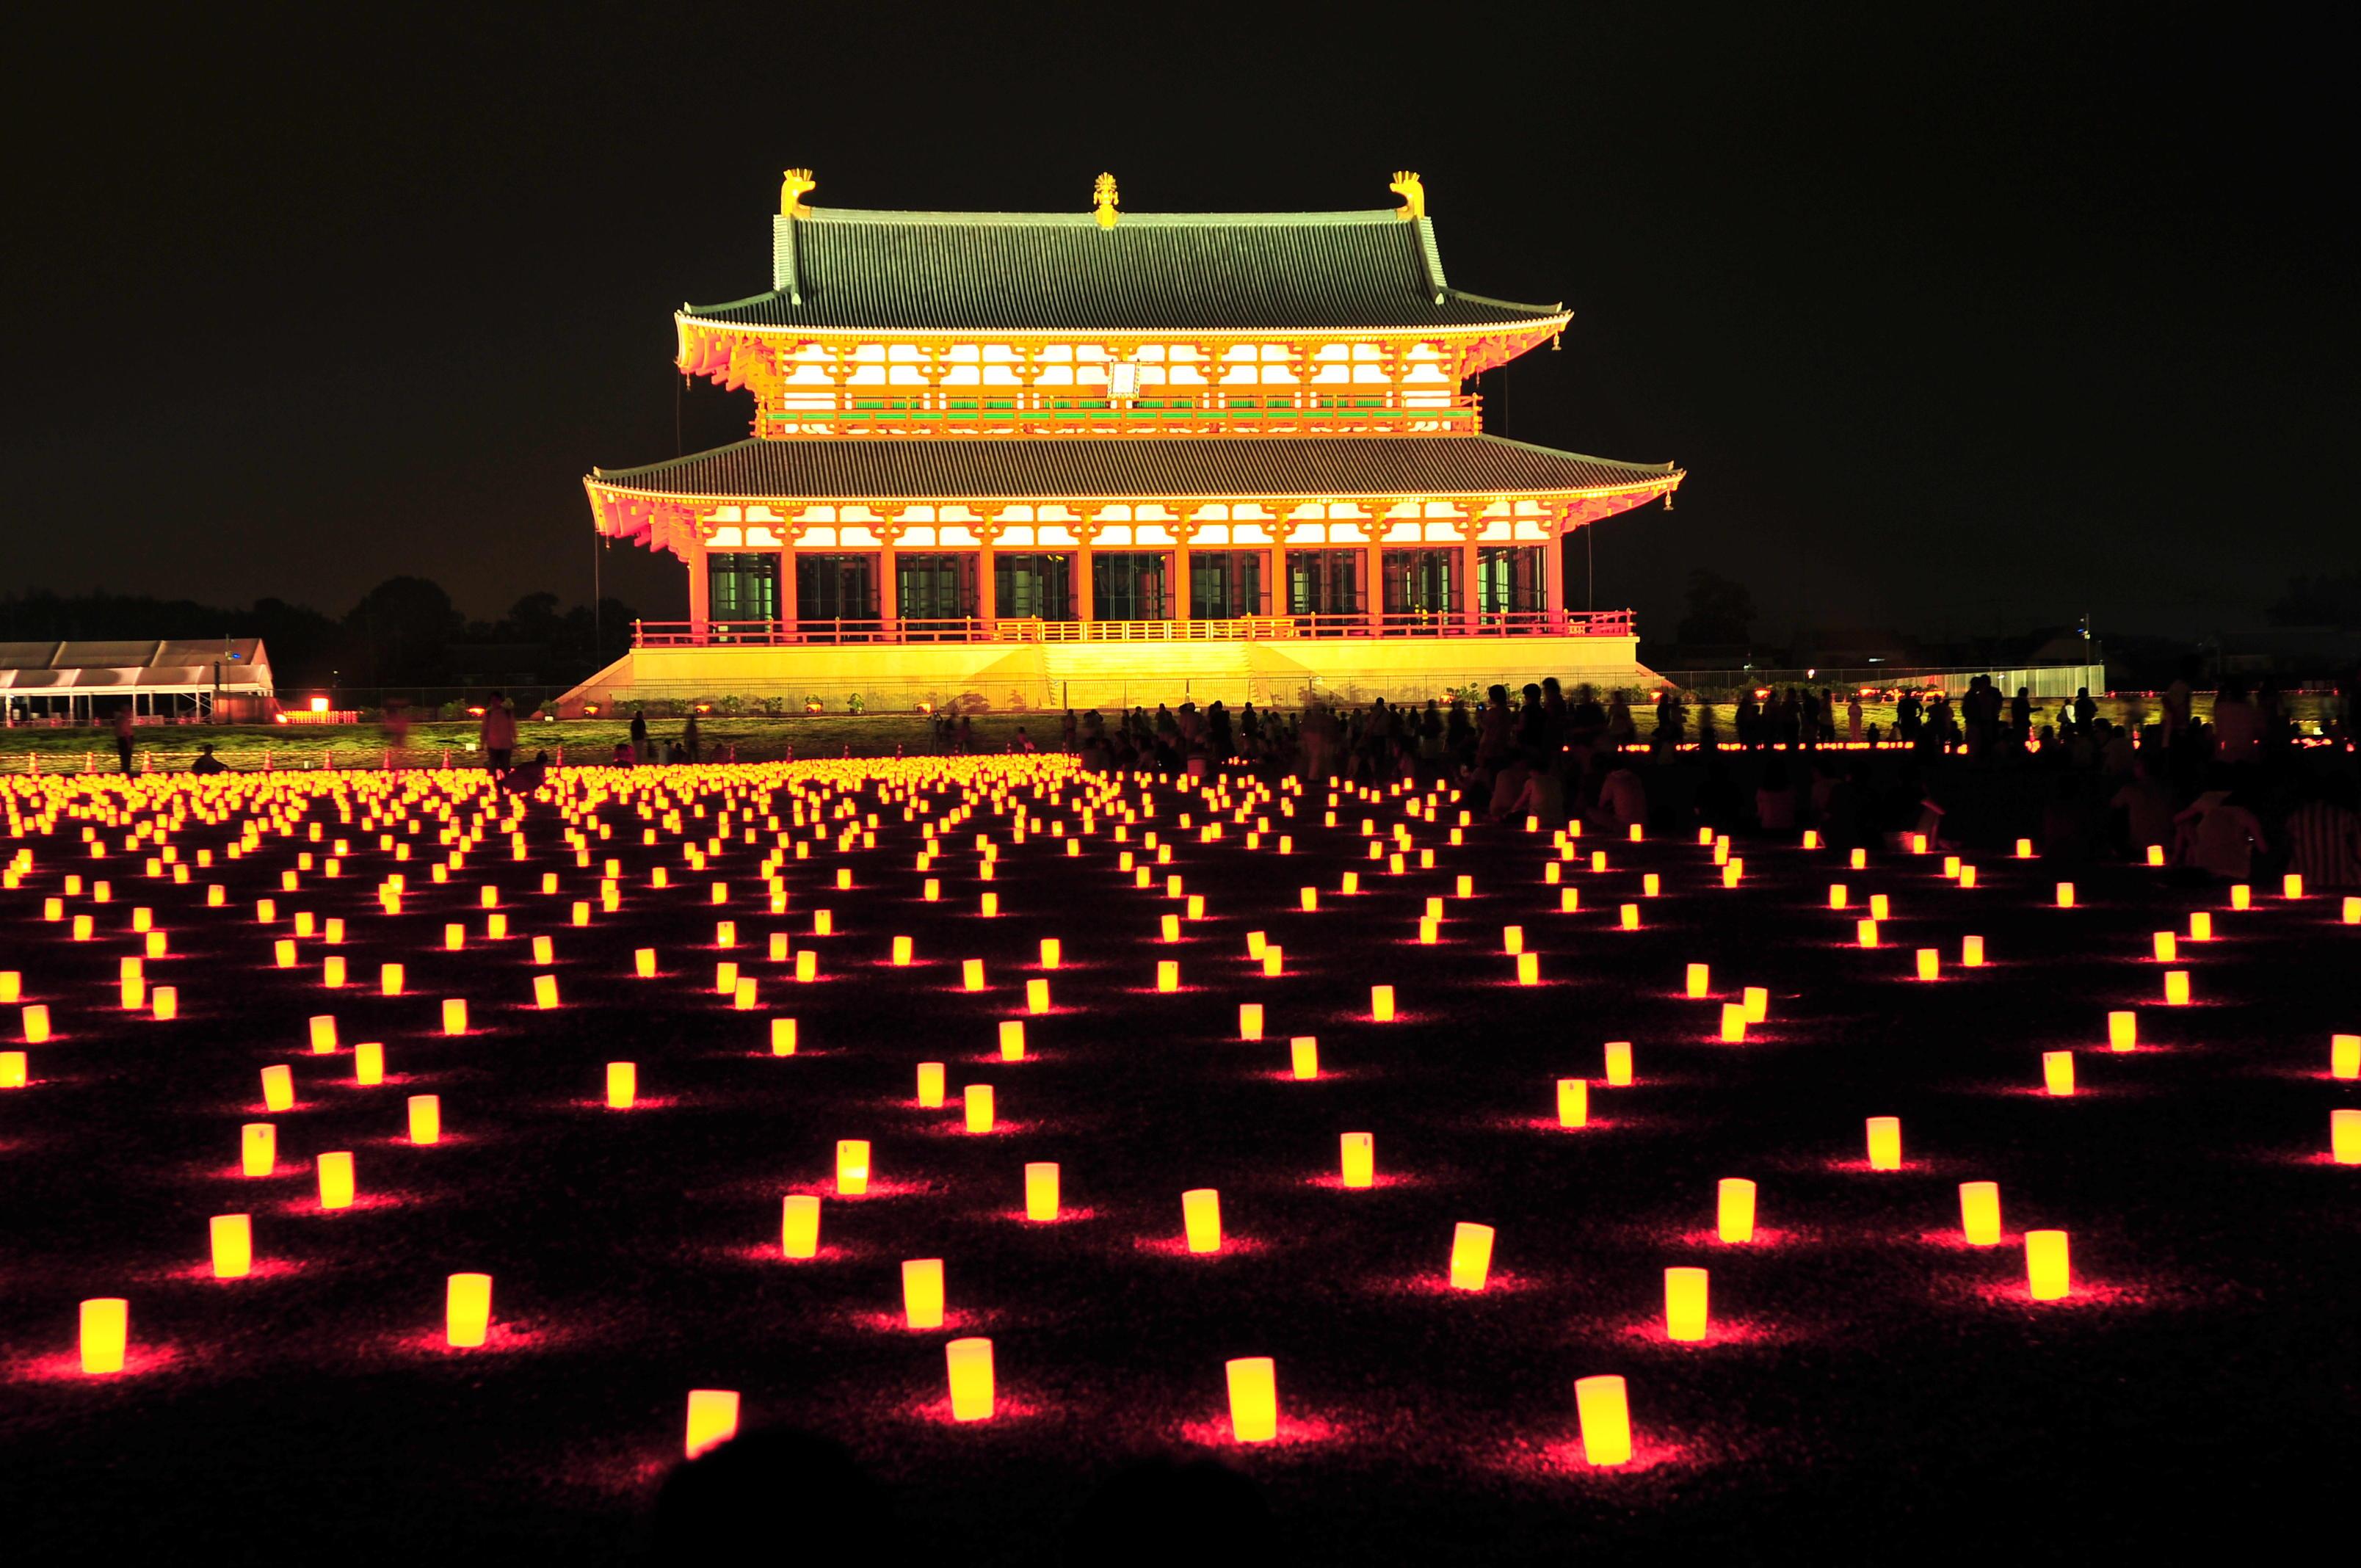 奈良デートおすすめスポット21選!夜や雨の日を楽しめる場所もご紹介